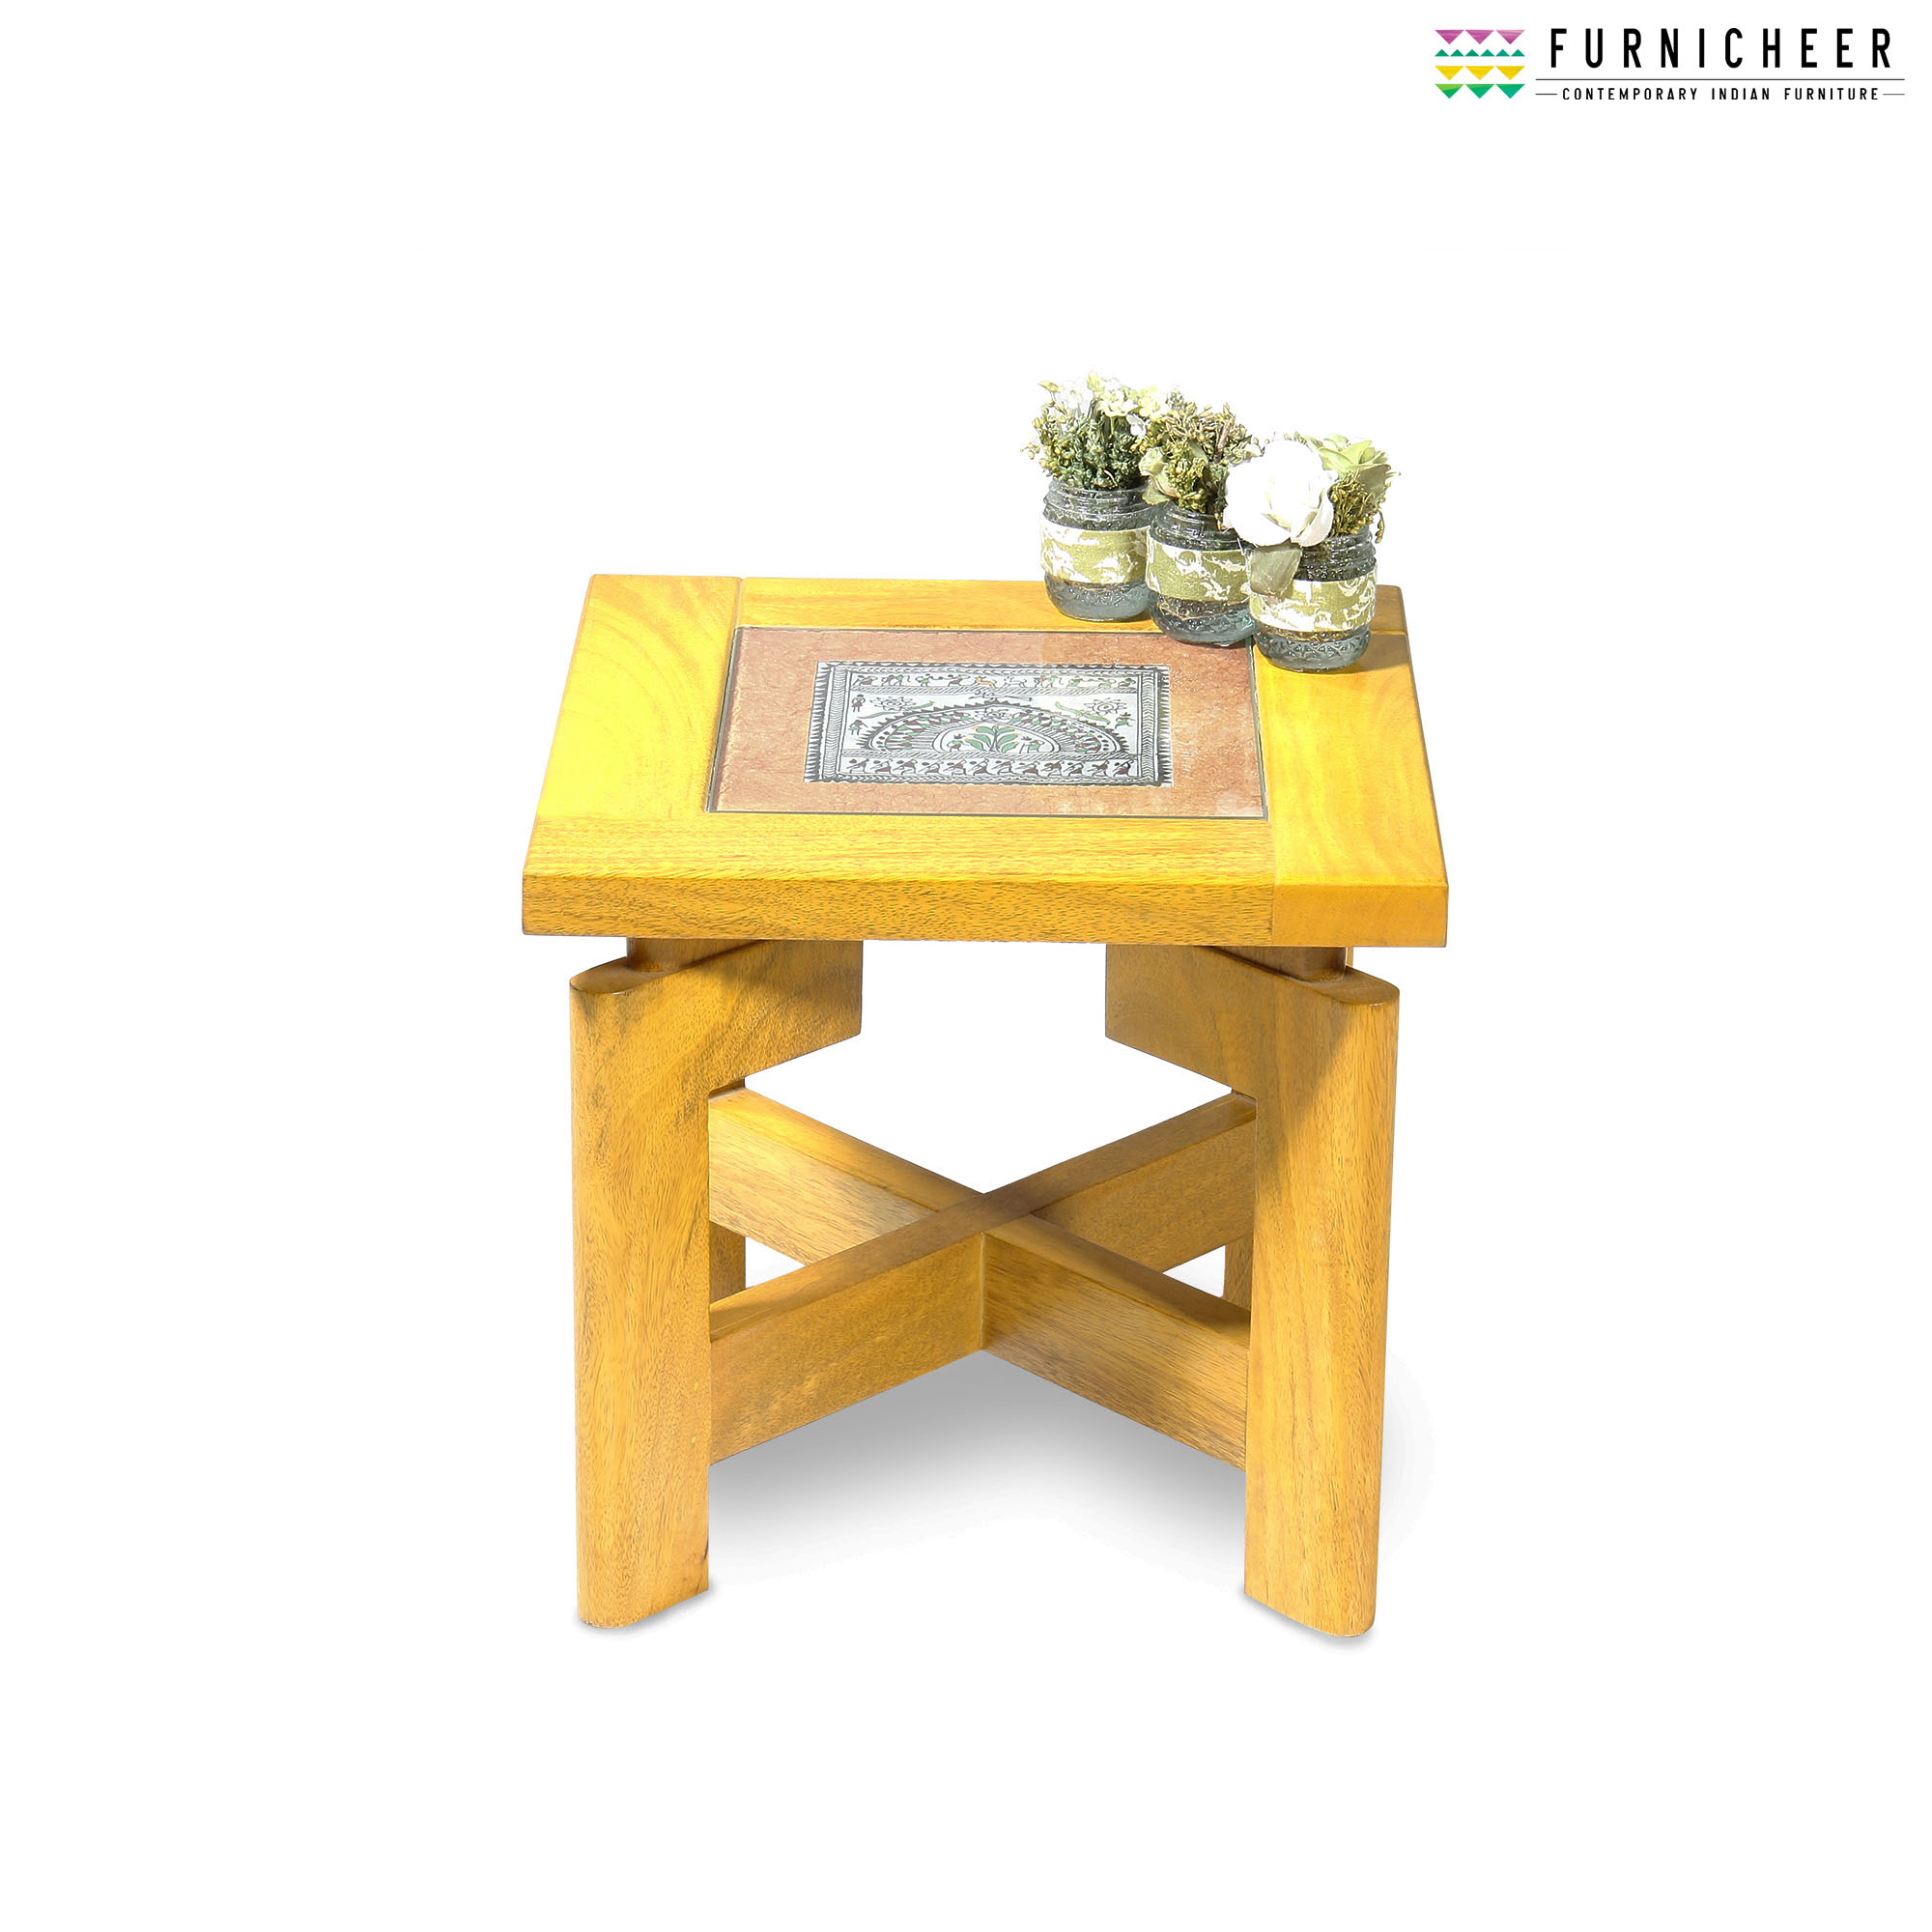 1.SIDE & END TABLE SKU TBYL7282